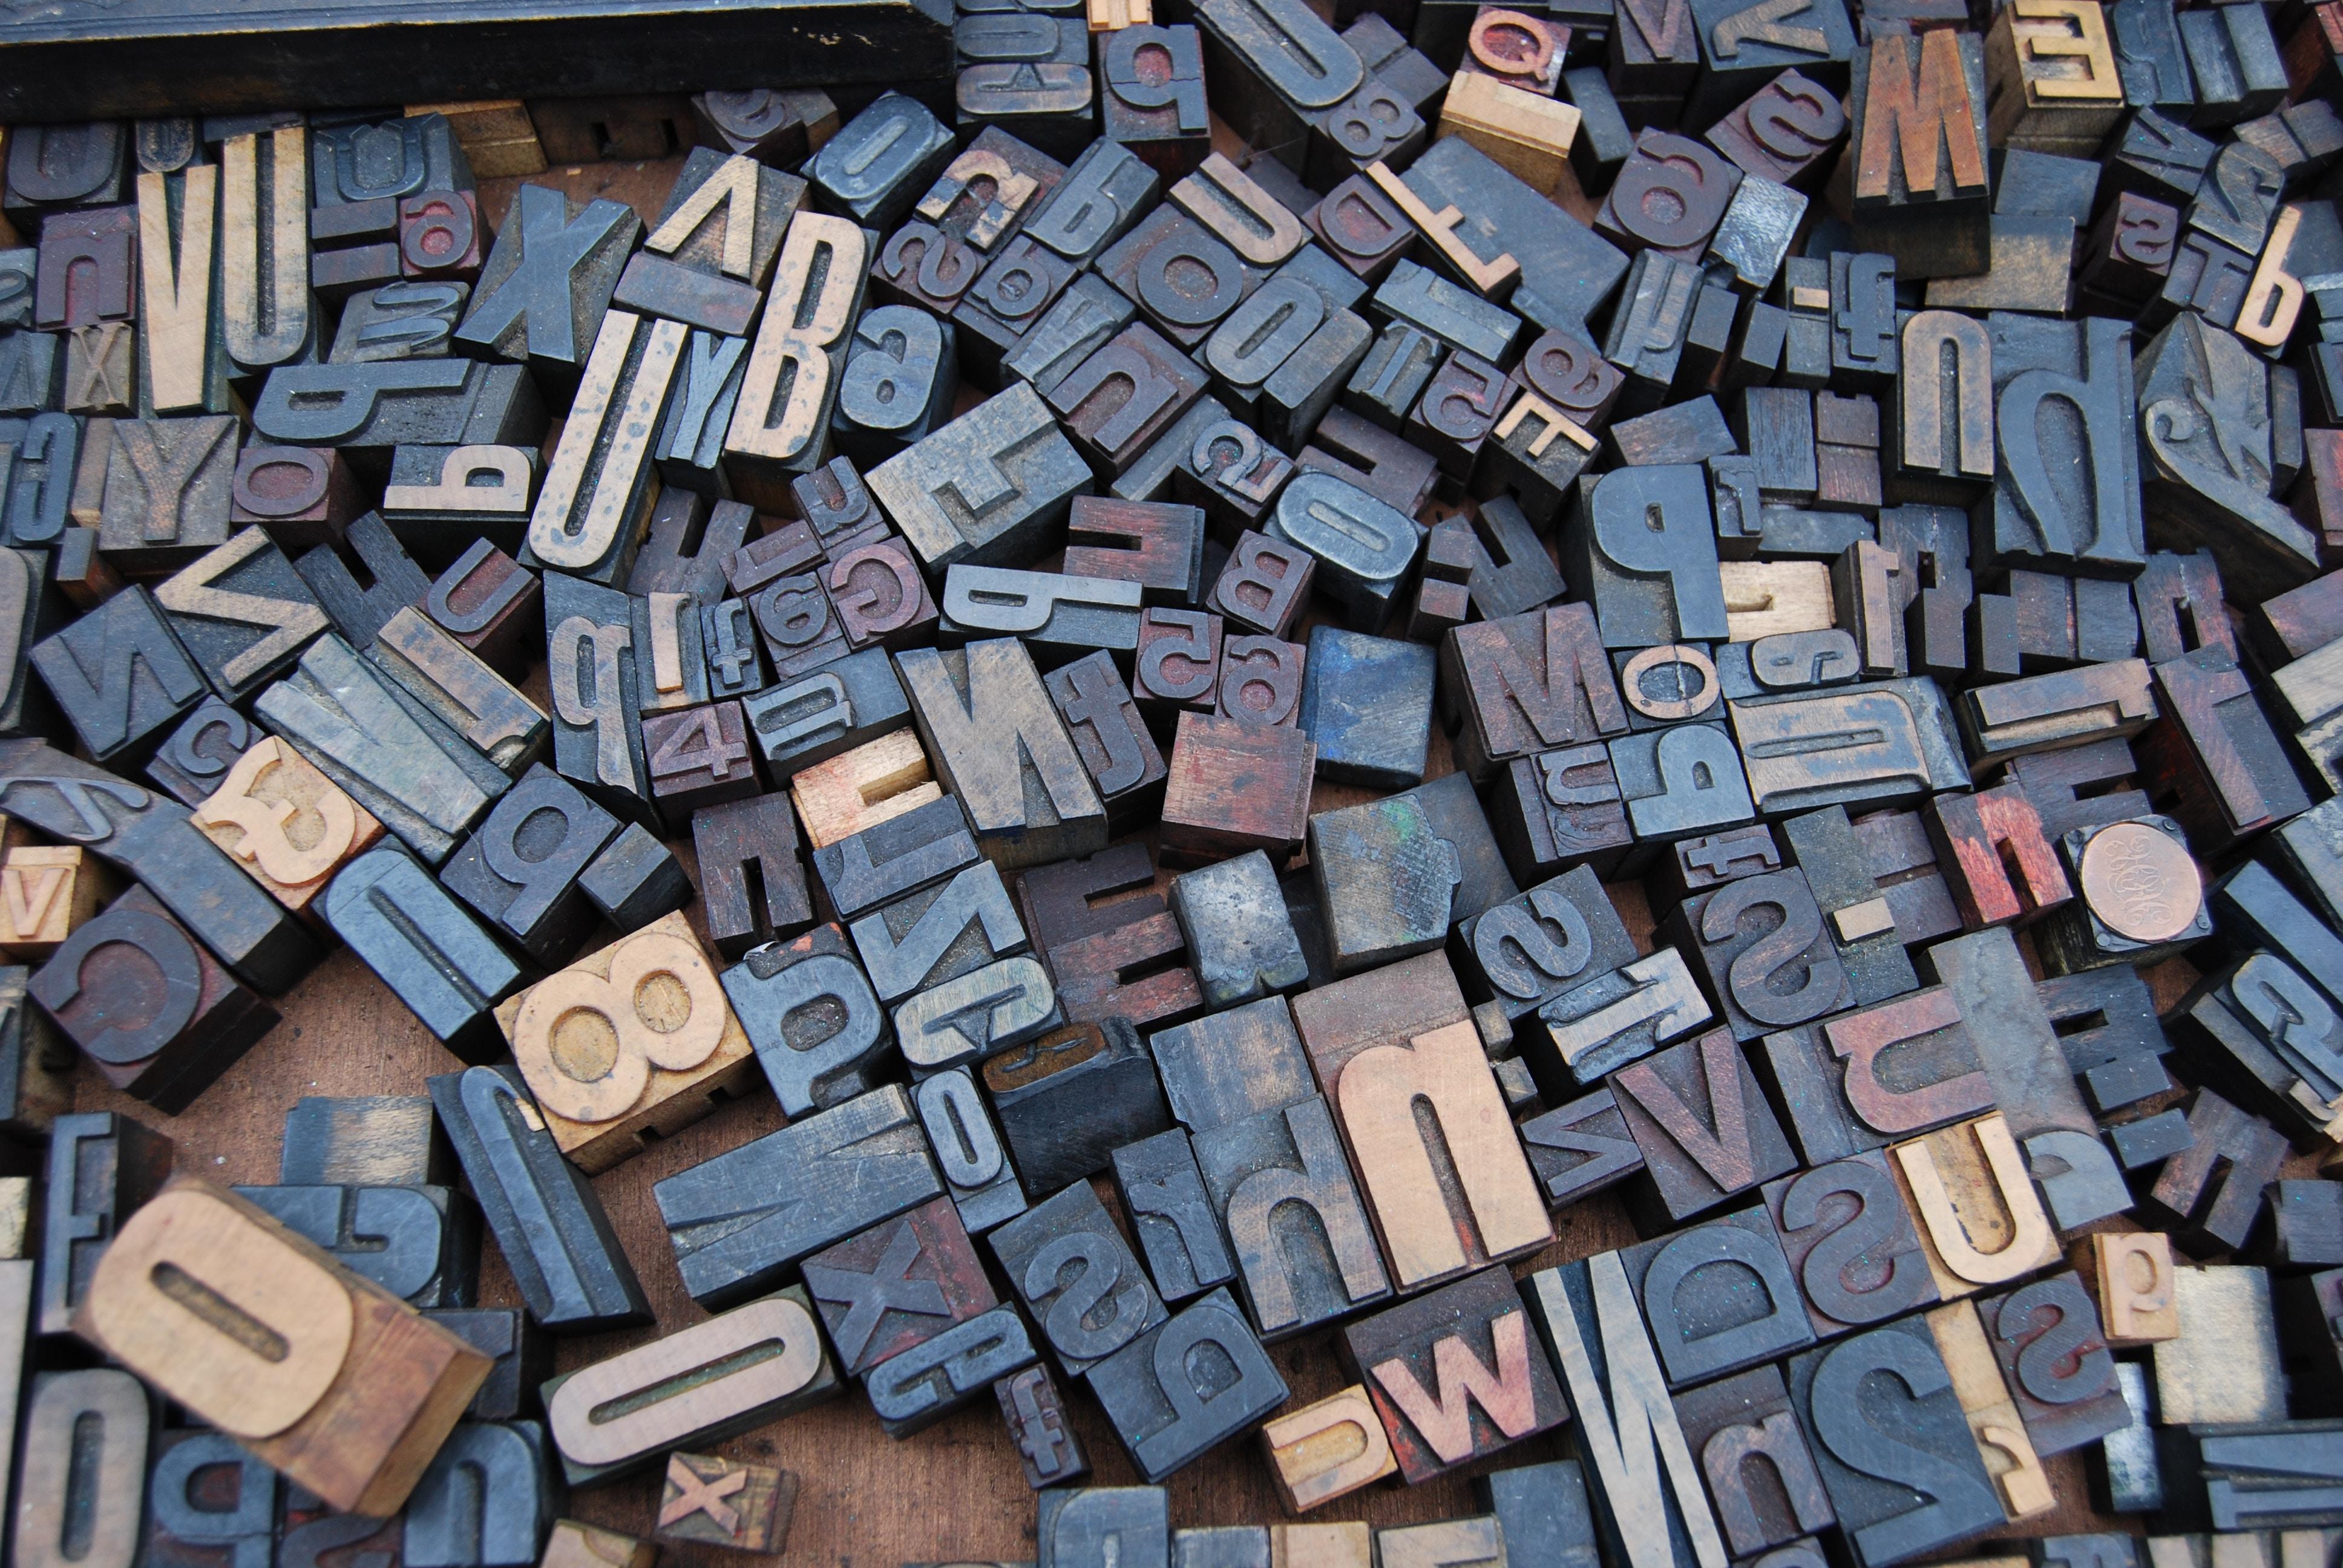 Aktivitäten zum Aufbauen des Wortschatzes Ihres Kindes